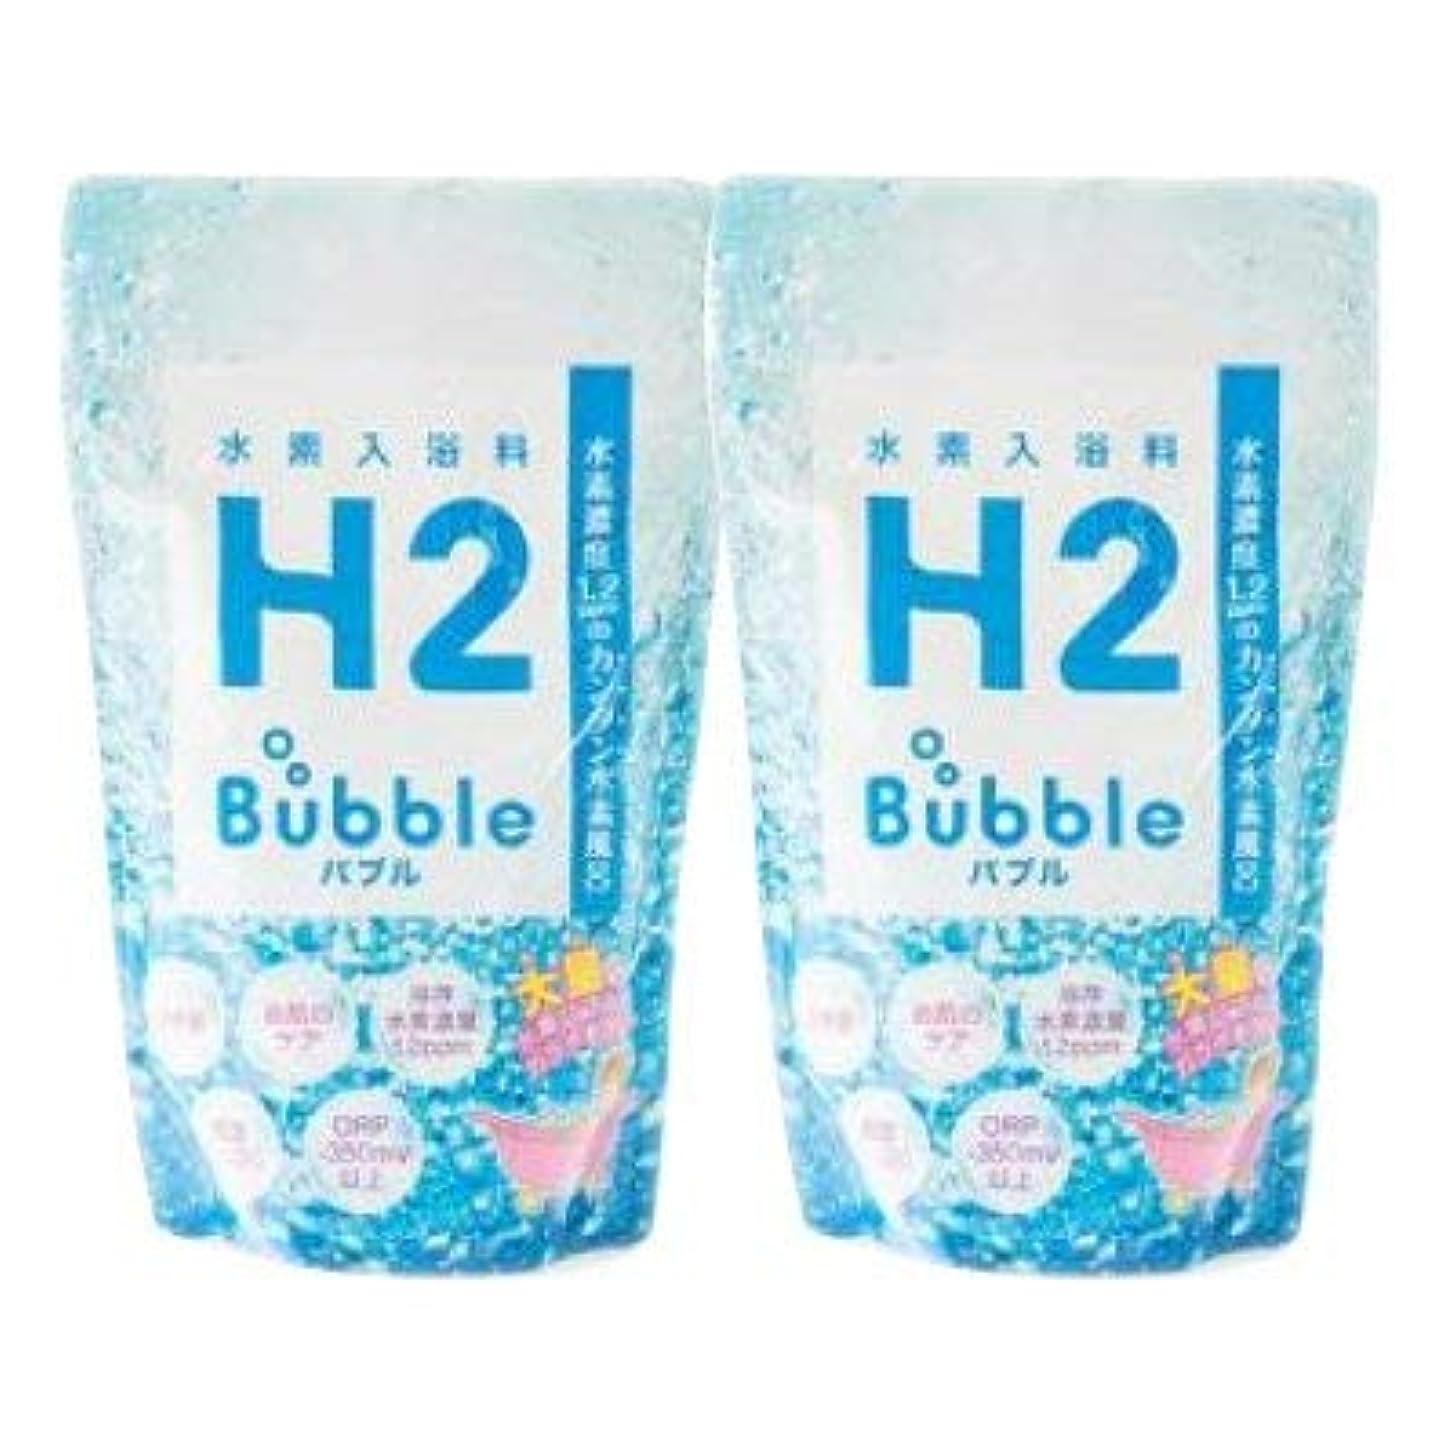 の心からプラットフォーム水素 入浴剤 水素 風呂 水素バス【H2バブル h2bubble 700g(約1カ月分)×2袋セット】